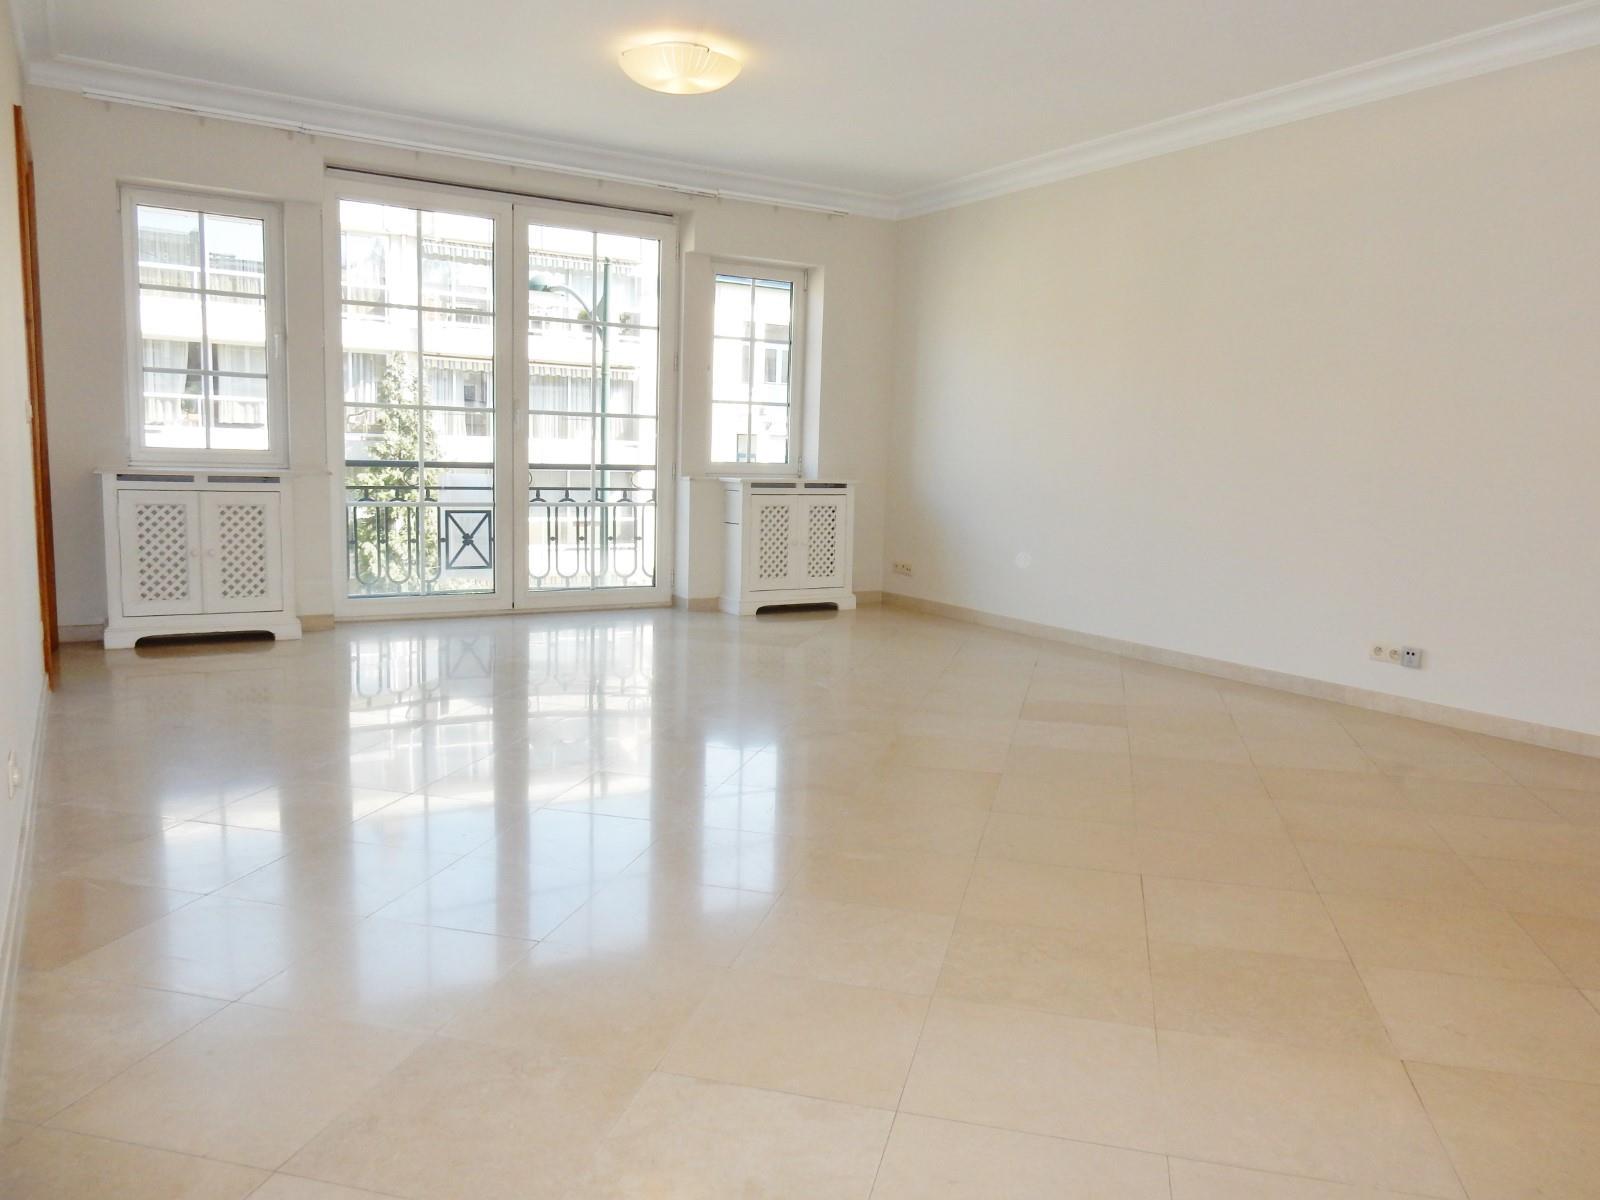 Uitzonderlijk appartement - Woluwe-Saint-Pierre - #3116510-24